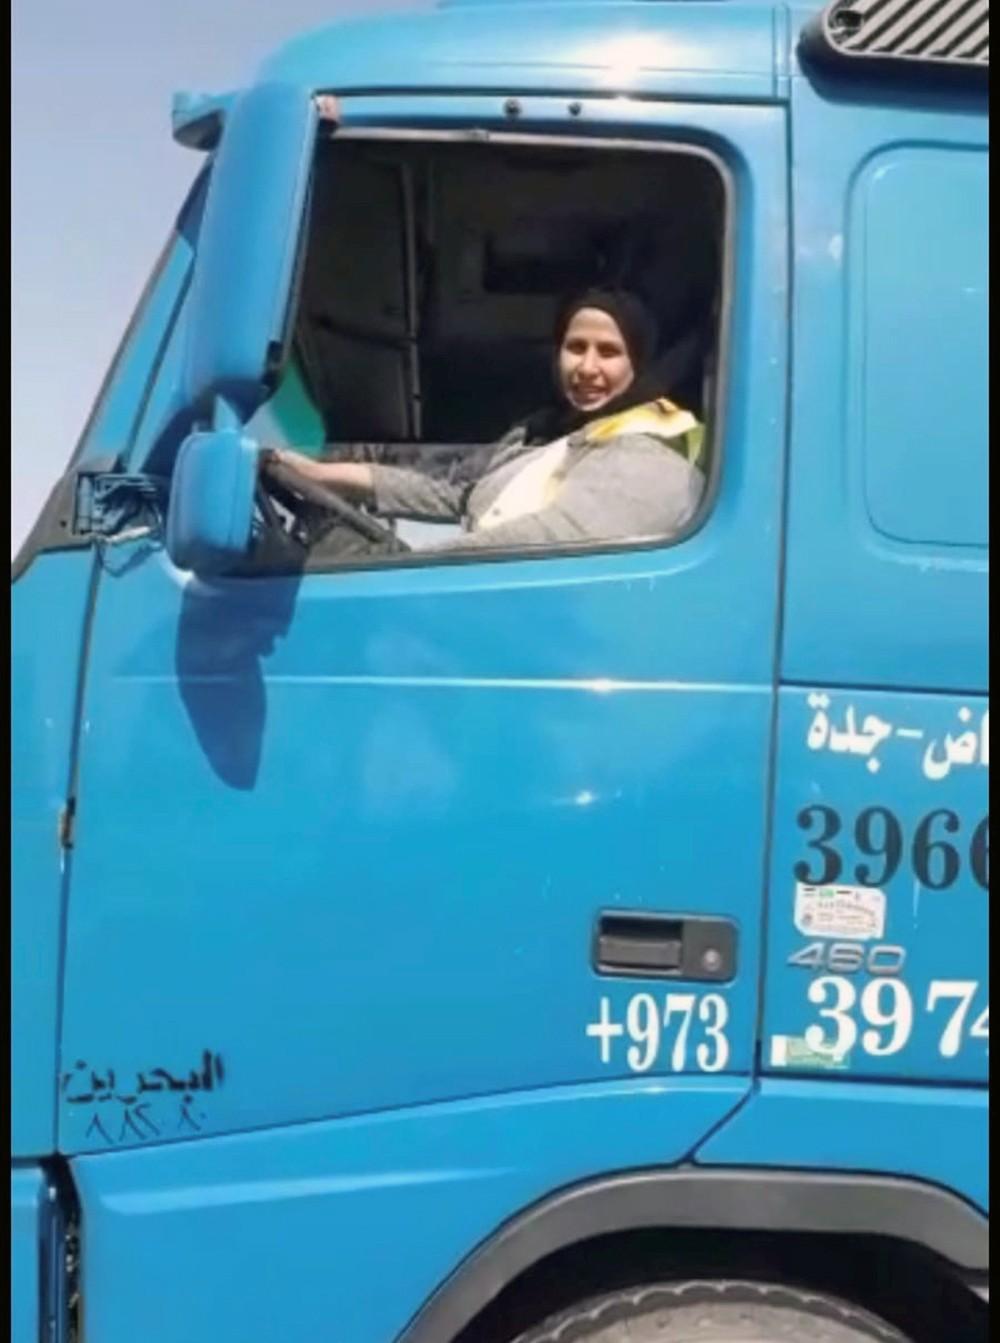 عشتُ بالسعودية.. وأقول لمعلمتي: لستُ غبية!.. وأخواني علموني السياقة الثقيلة